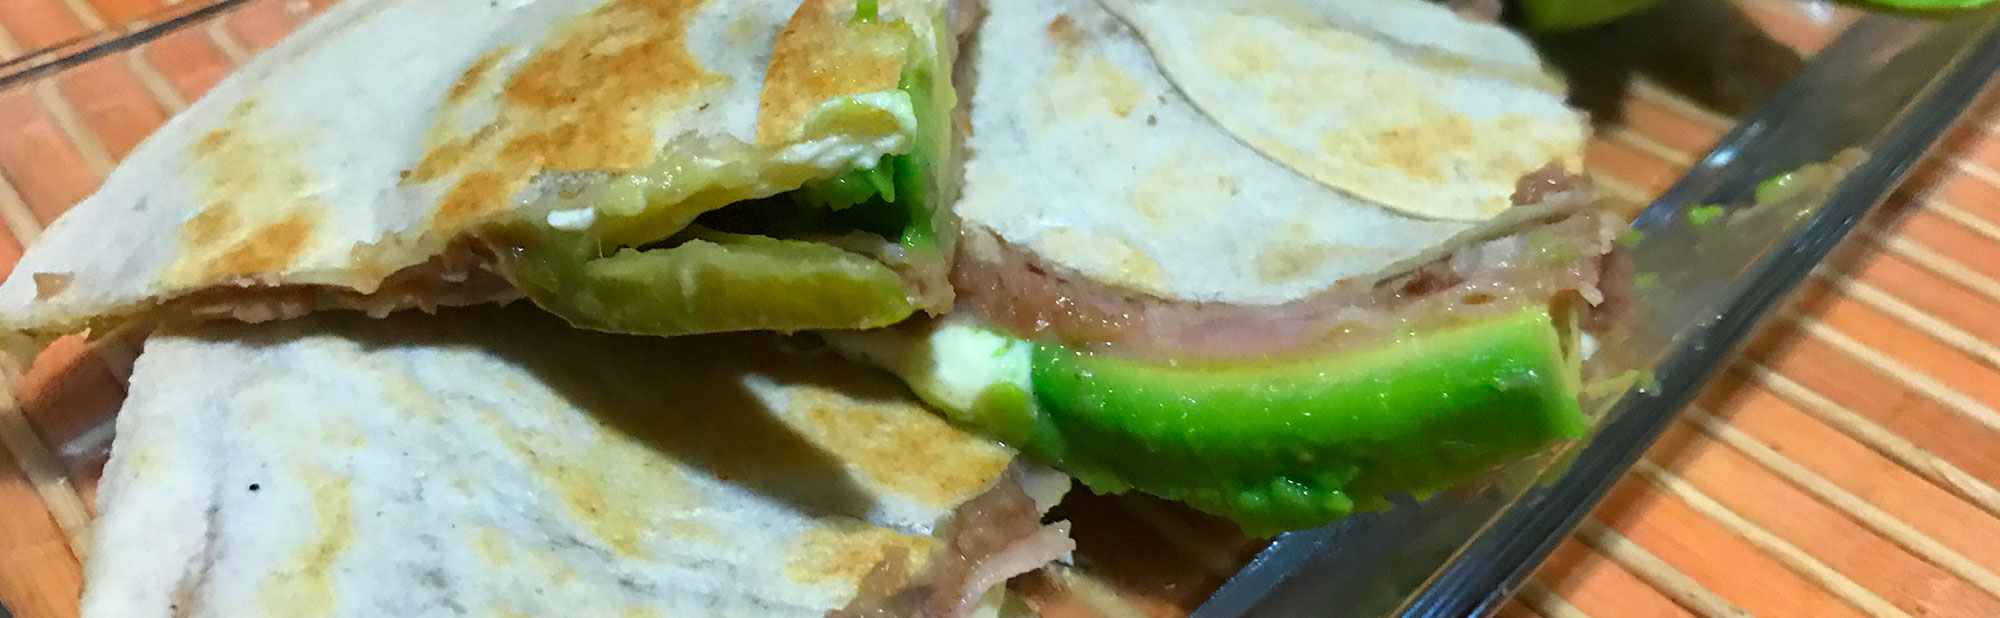 La Antojadera | Sincronizada de Jamón con Frijoles Refritos